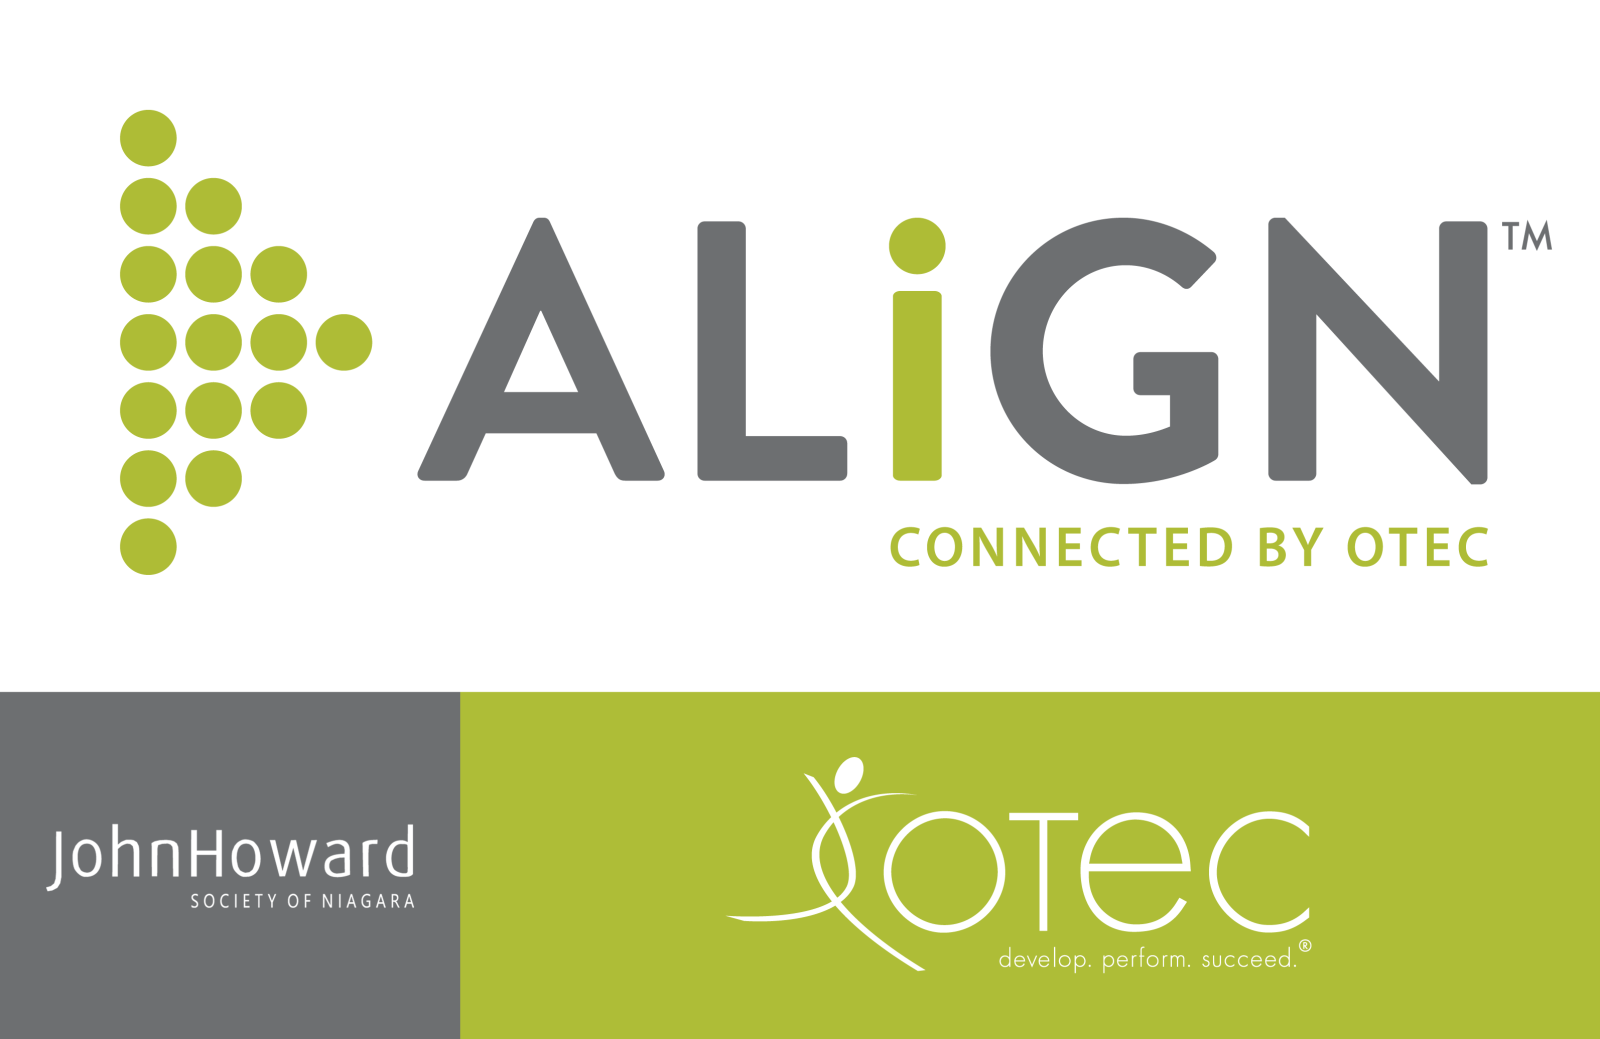 ALiGN Network - OTEC and John Howard Society of Niagara